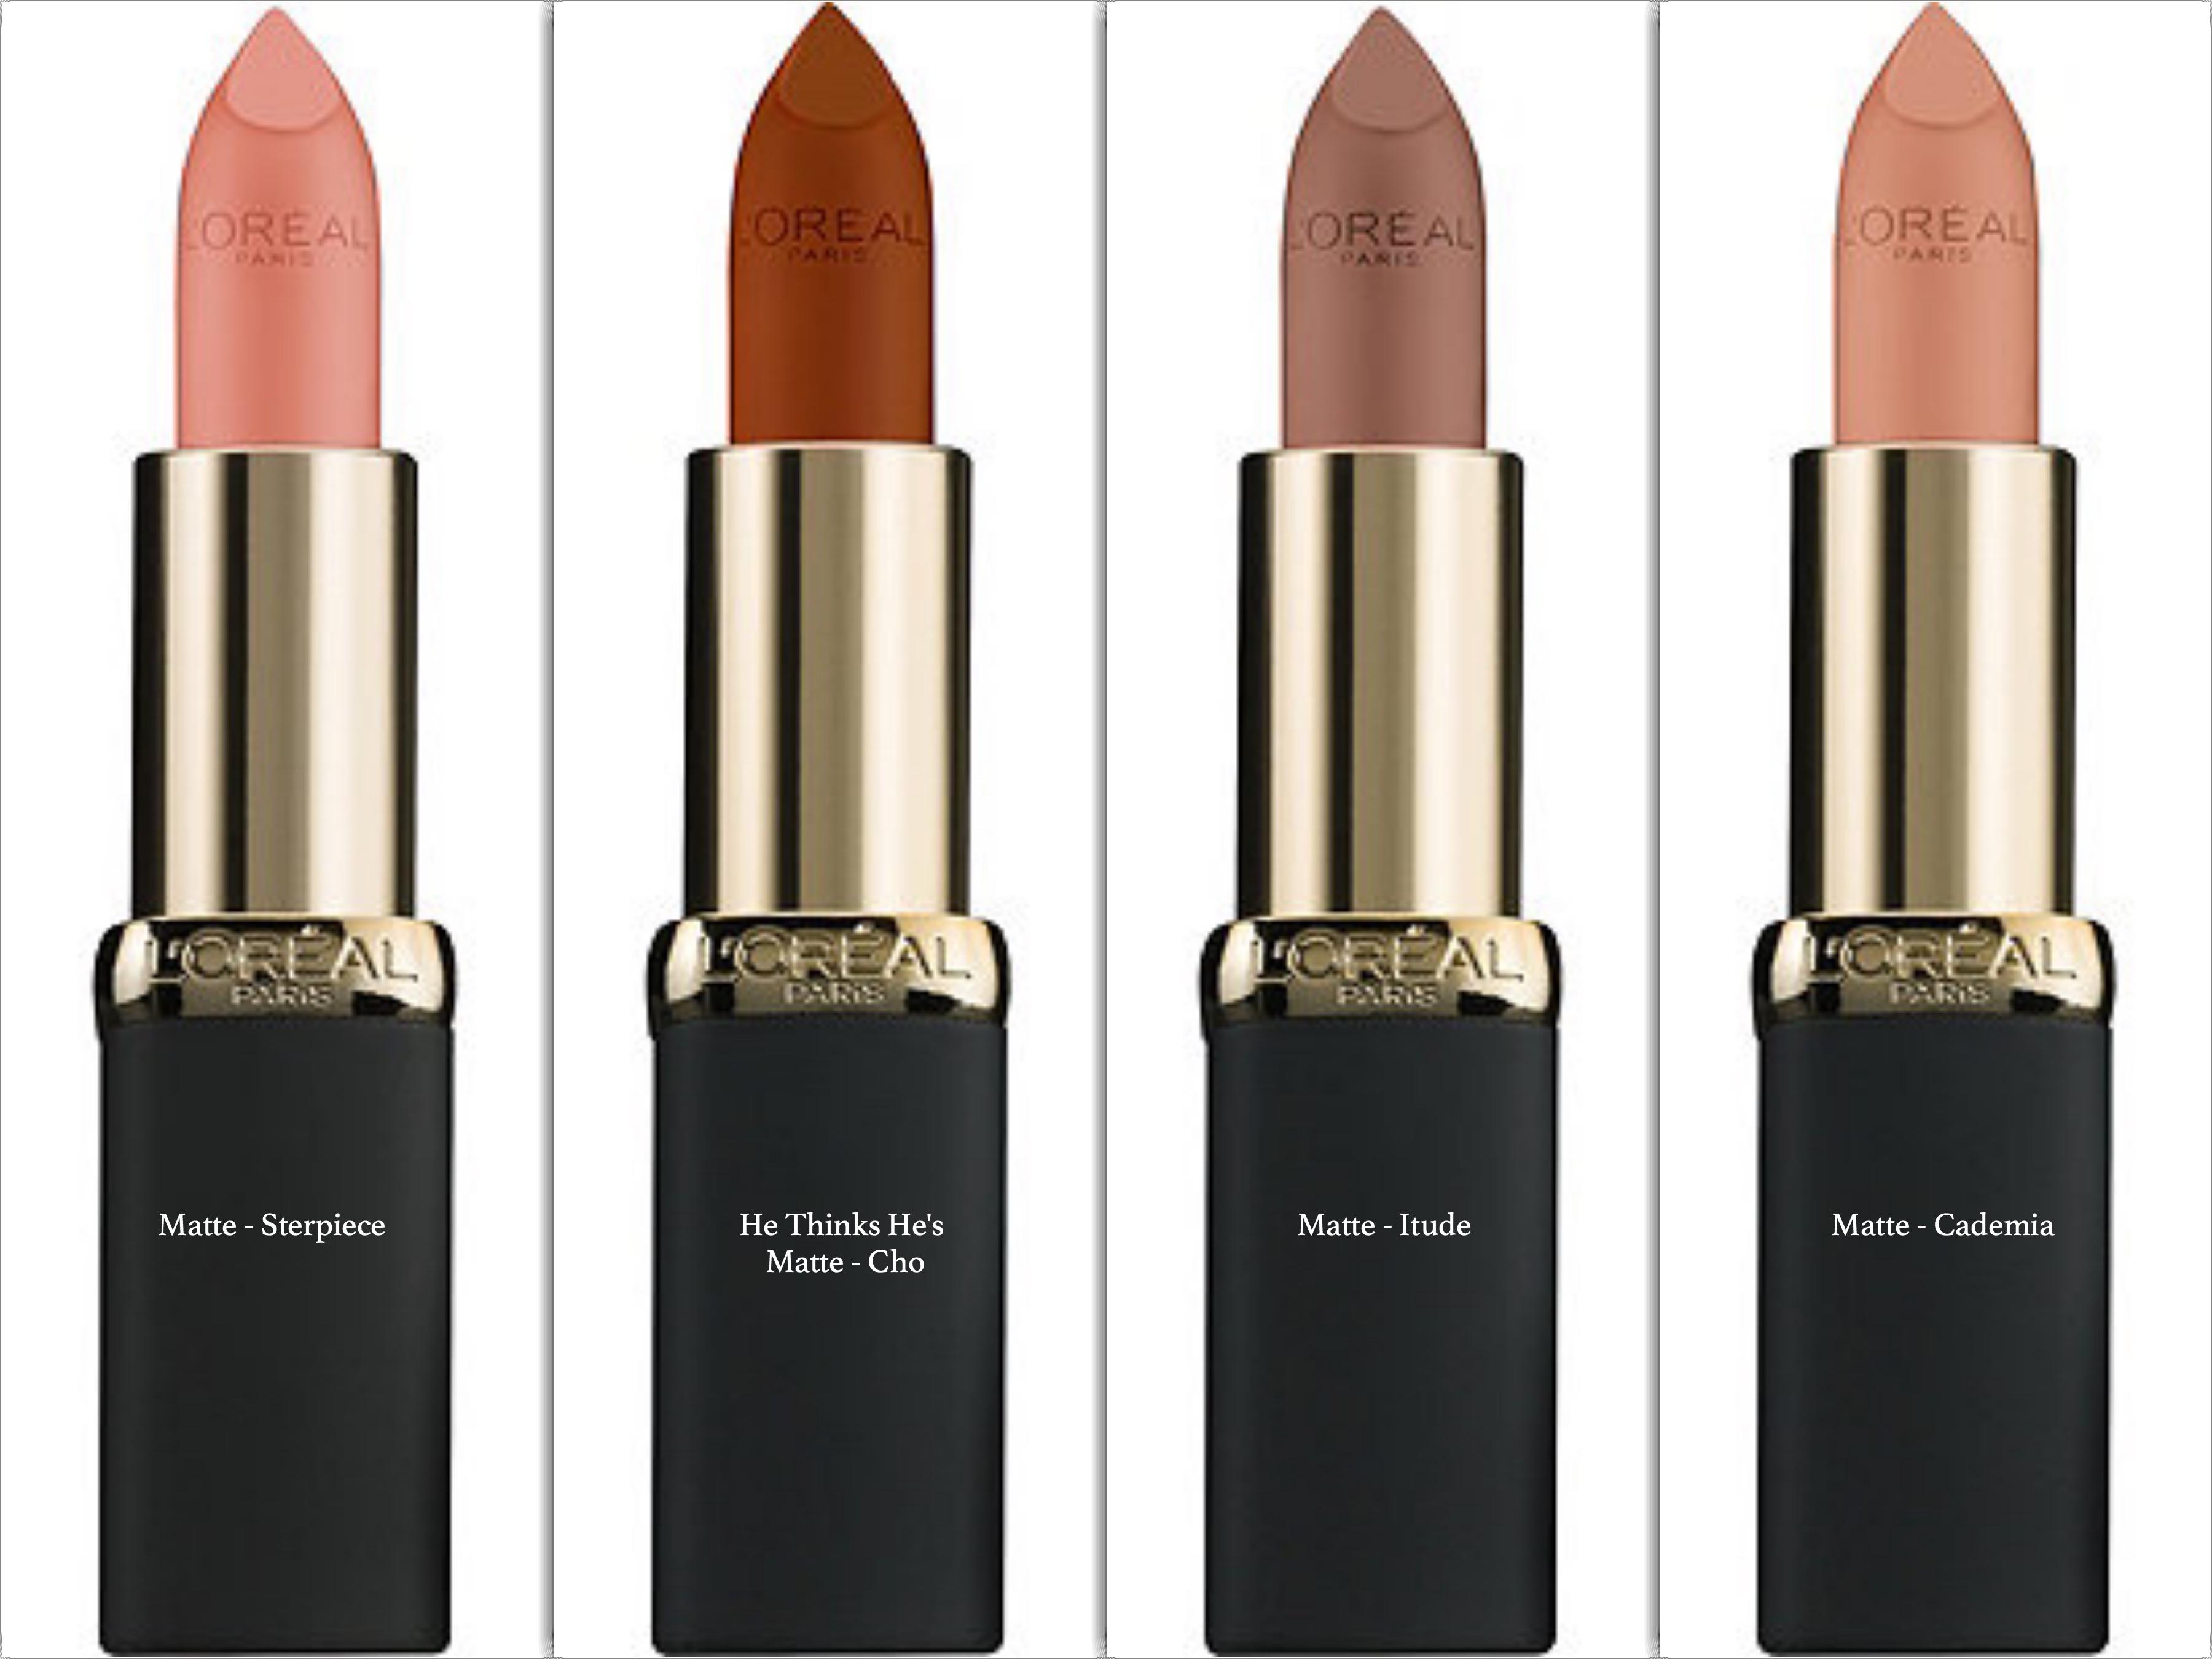 L Oreal Paris Colour Riche Matte Lipcolour Swatches Review Avant Garde